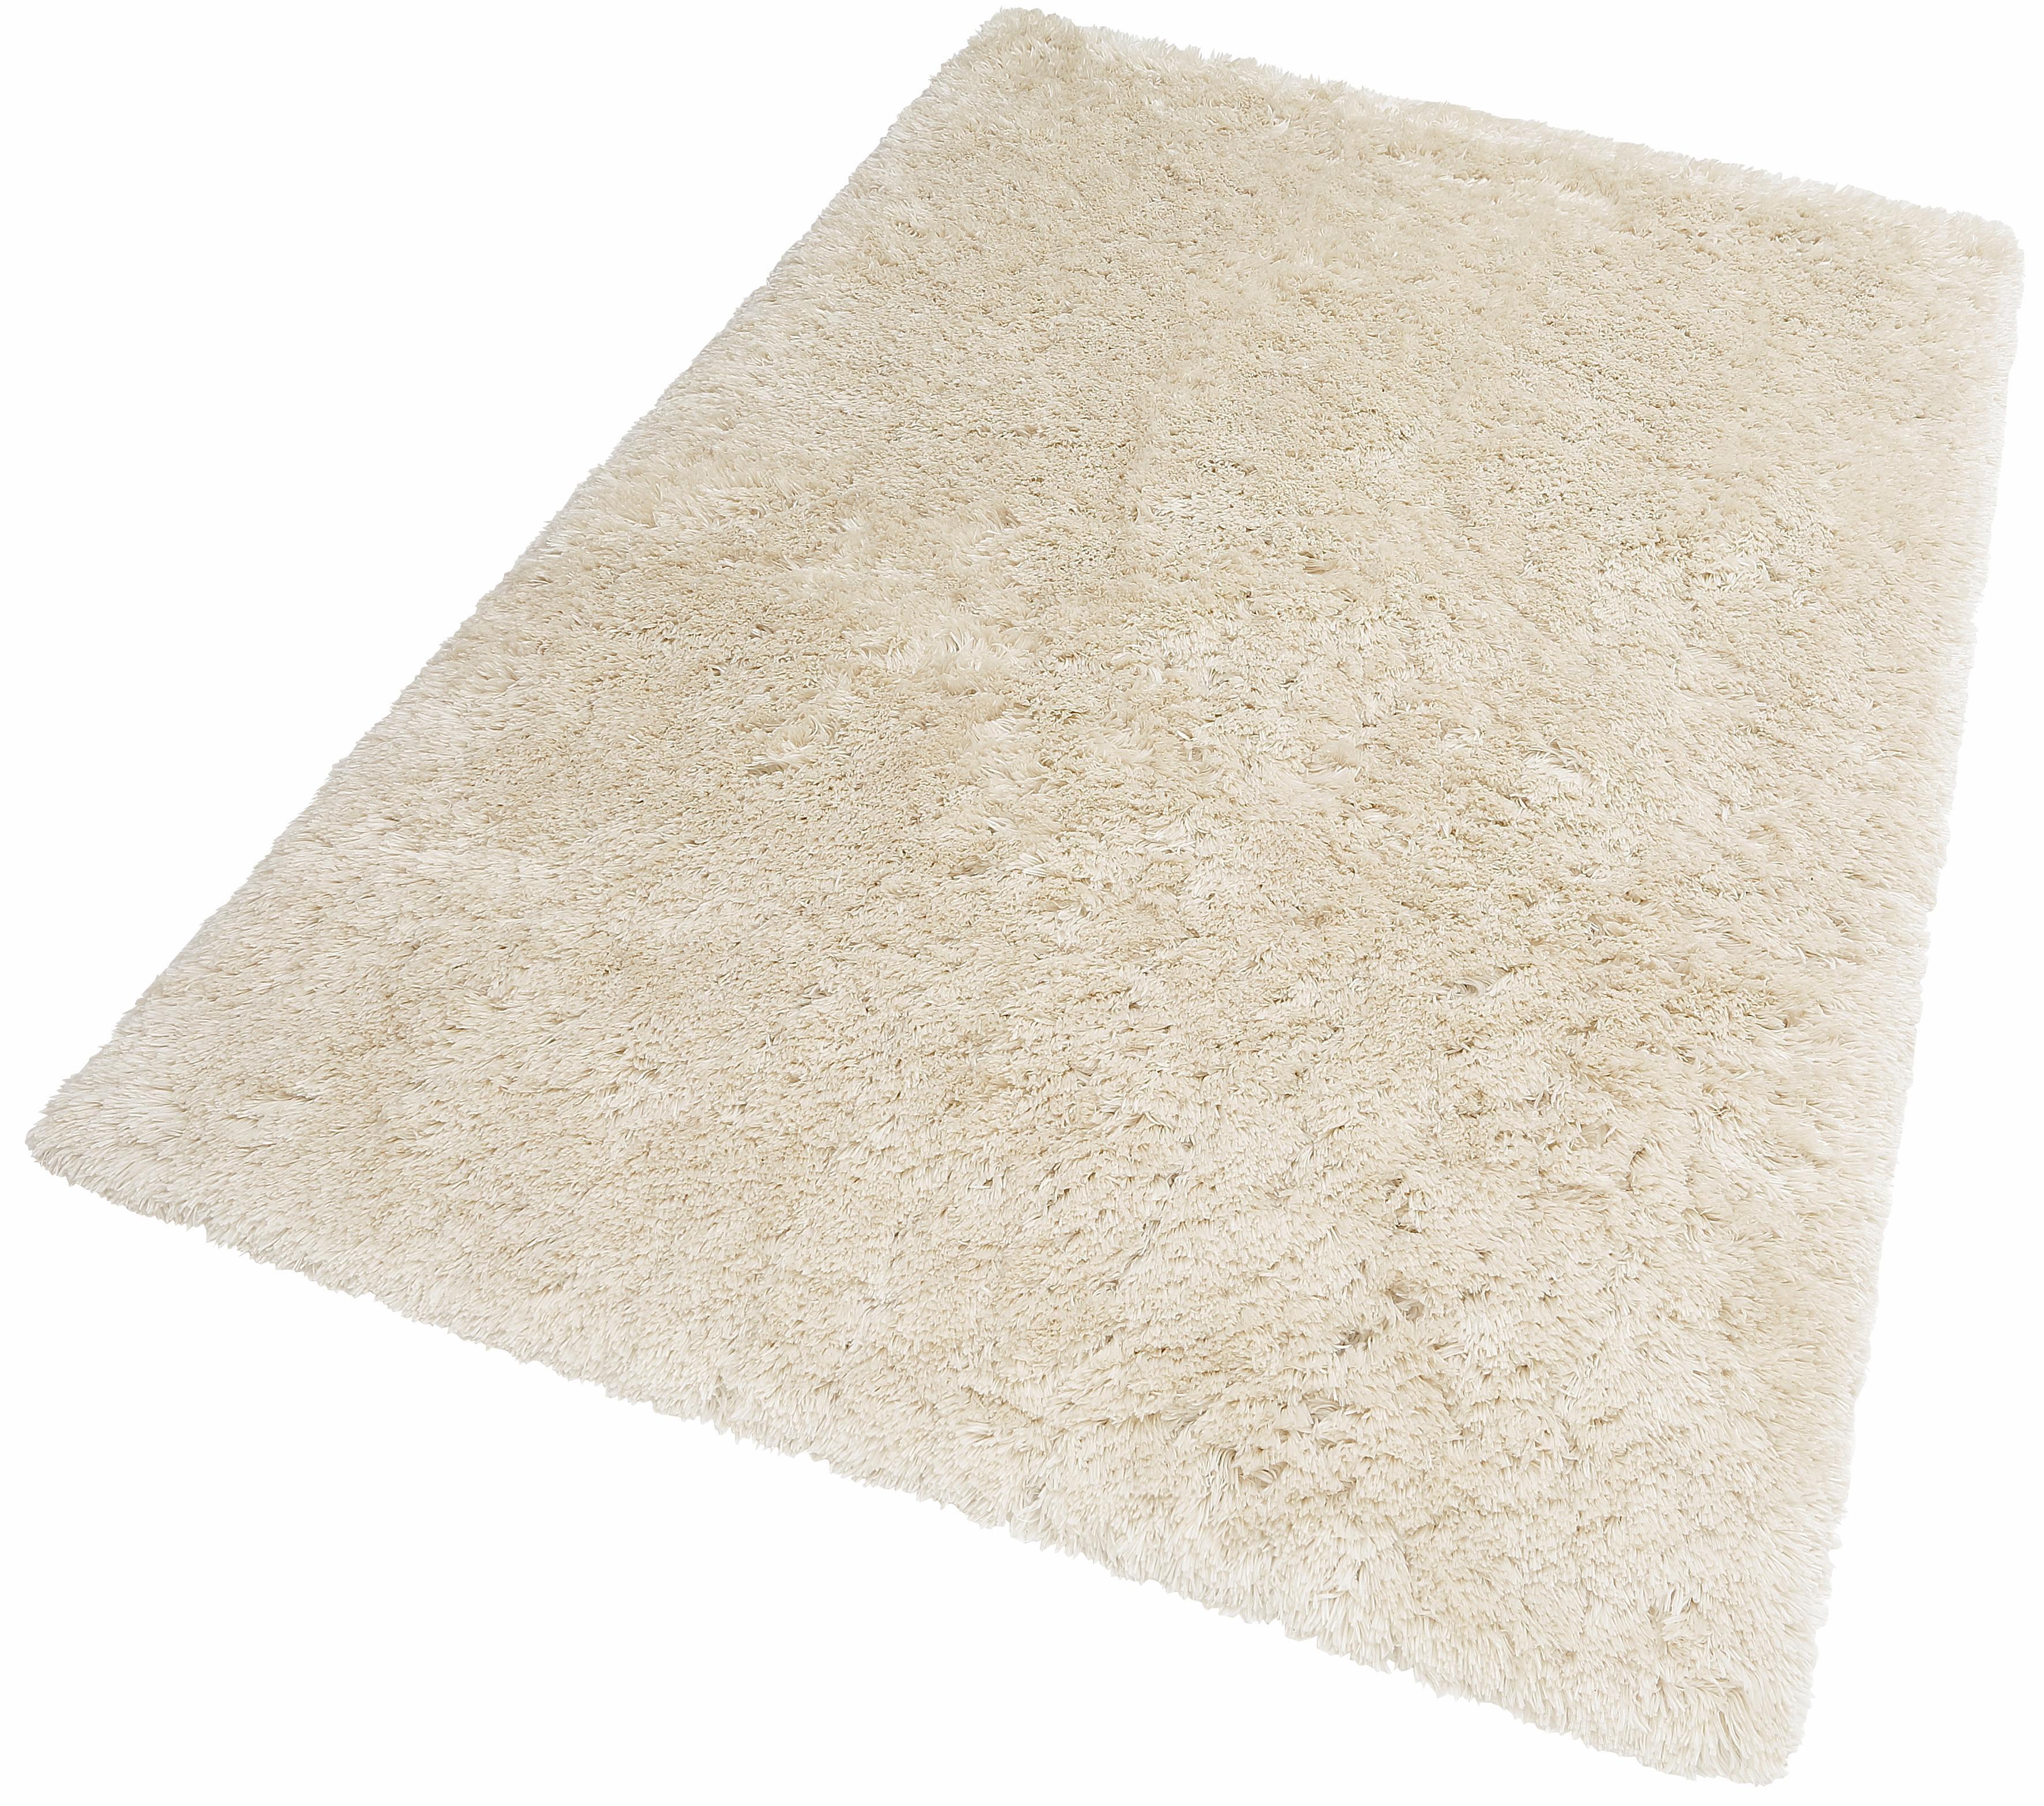 Tom Tailor Hoogpolig vloerkleed »Flocatic«, hoogte 65 mm voordelig en veilig online kopen